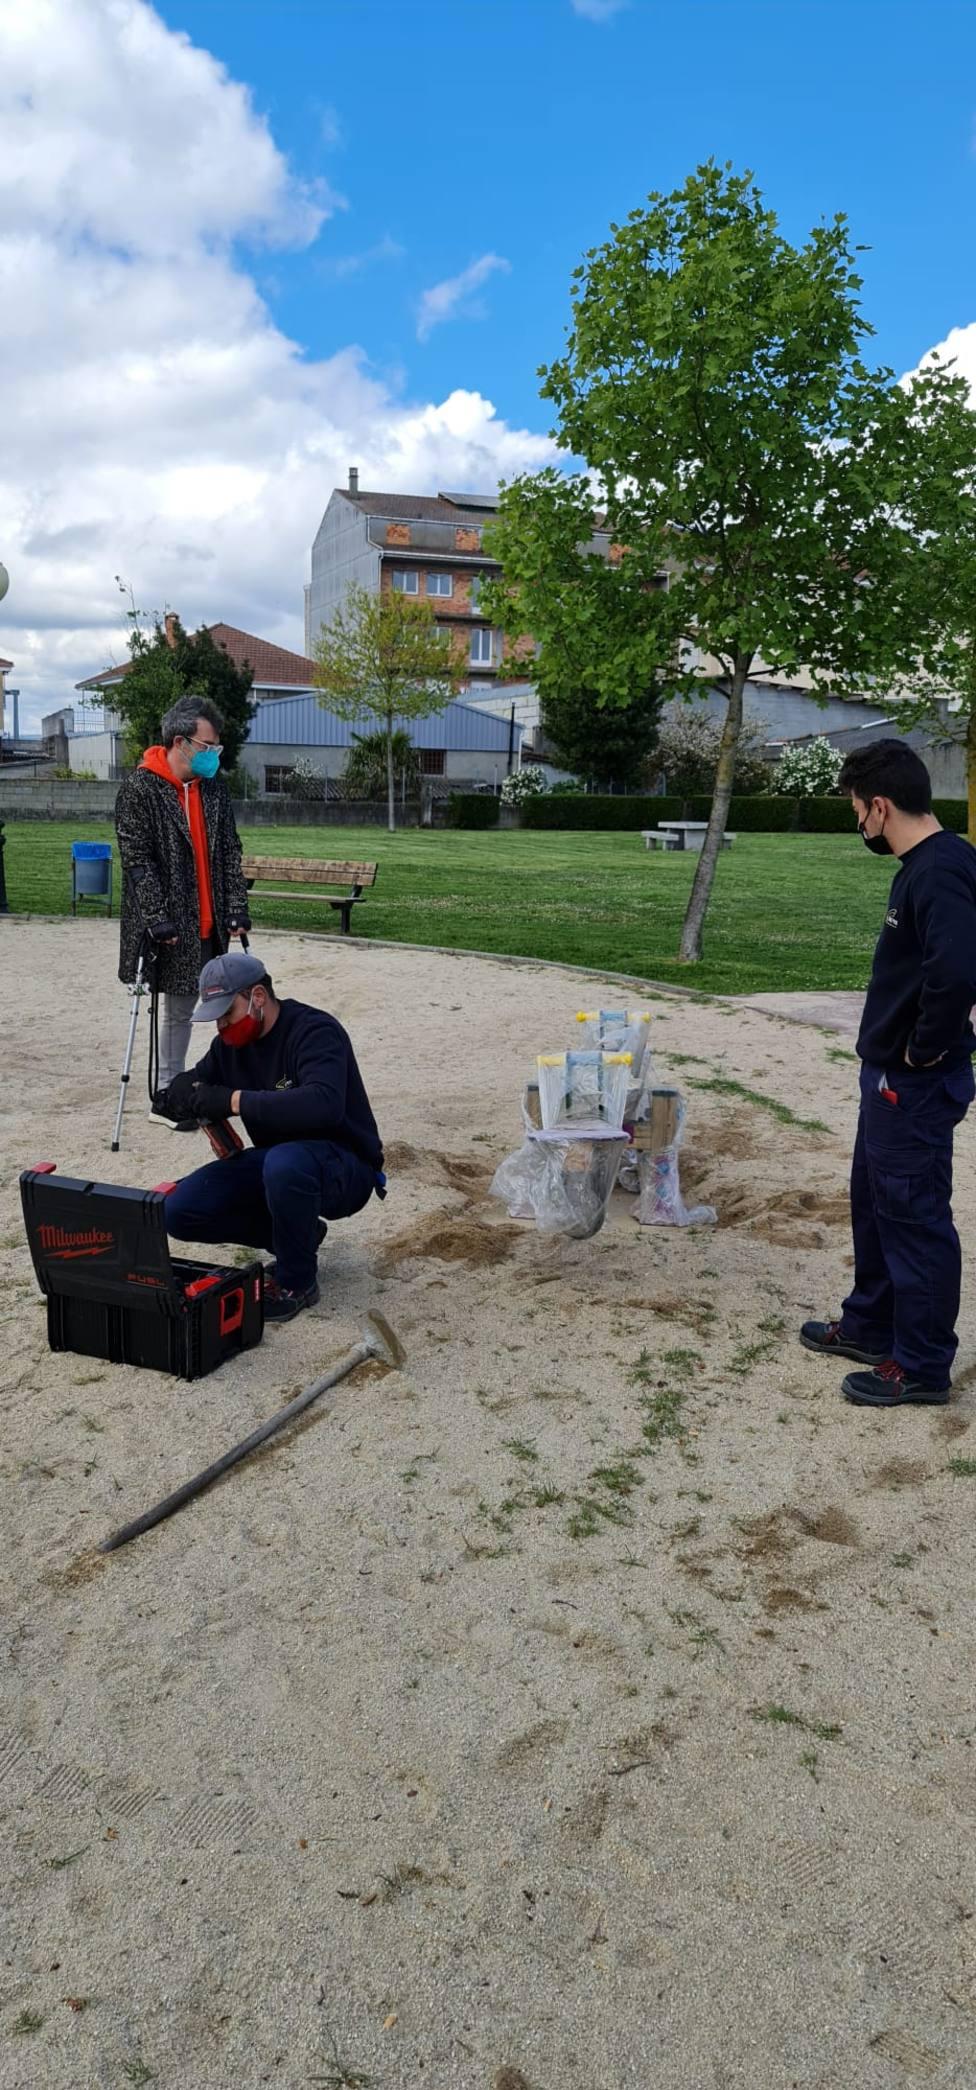 Operarios municipales reparando la zona de juego en un parque de Xinzo